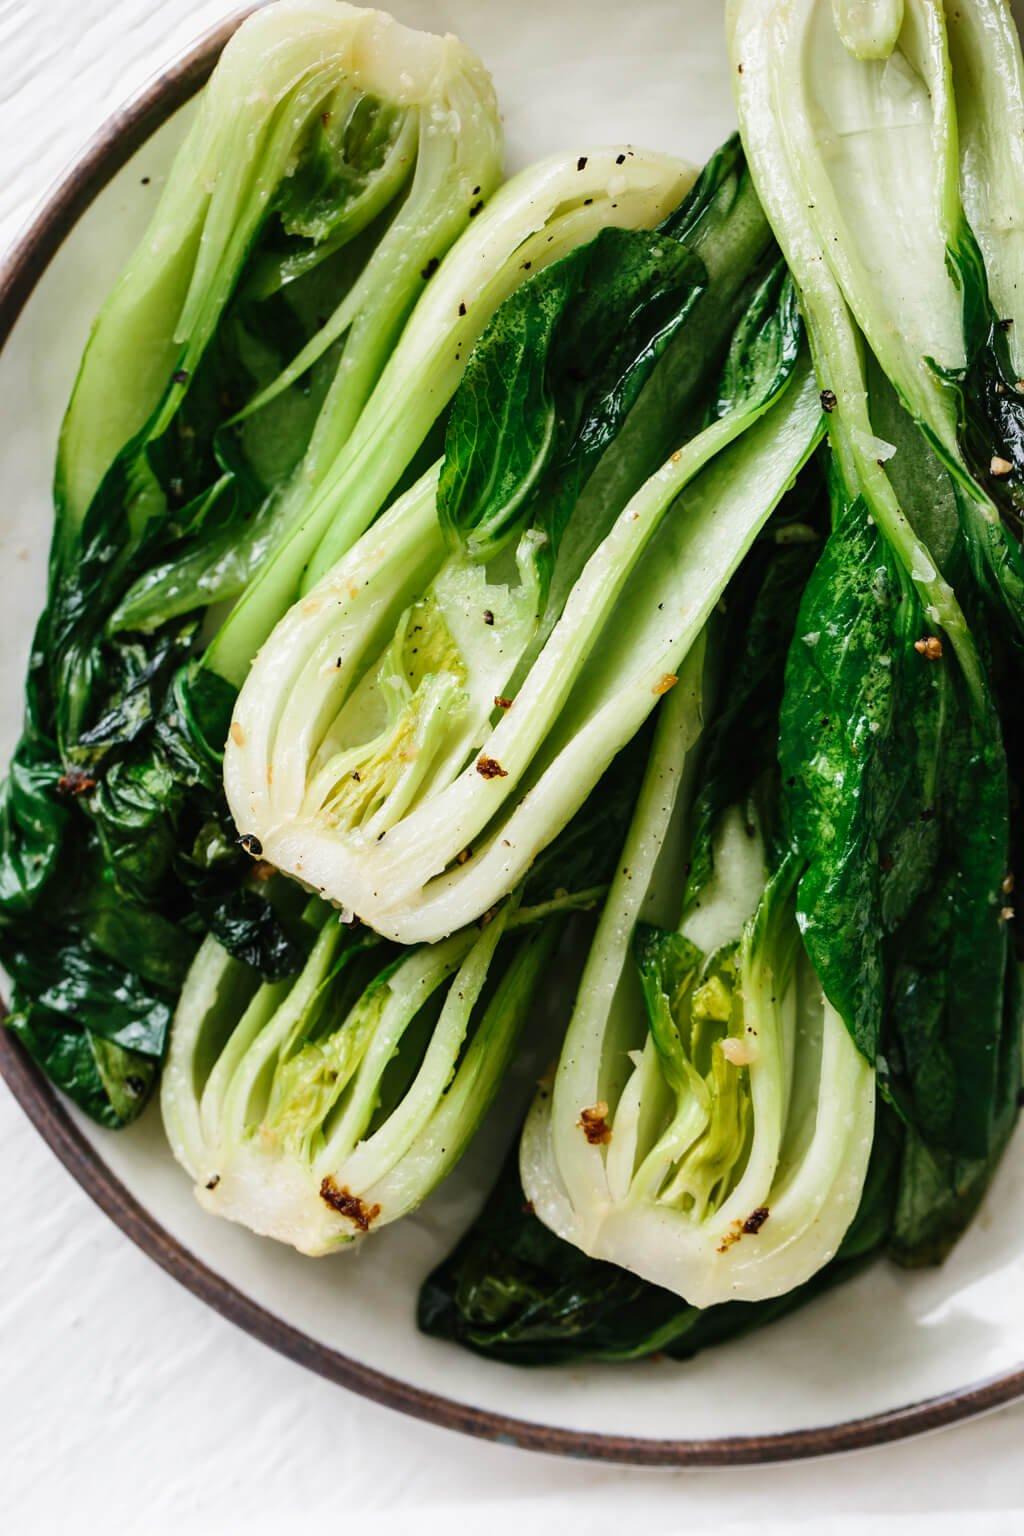 Close up photo of stir fry bok choy.